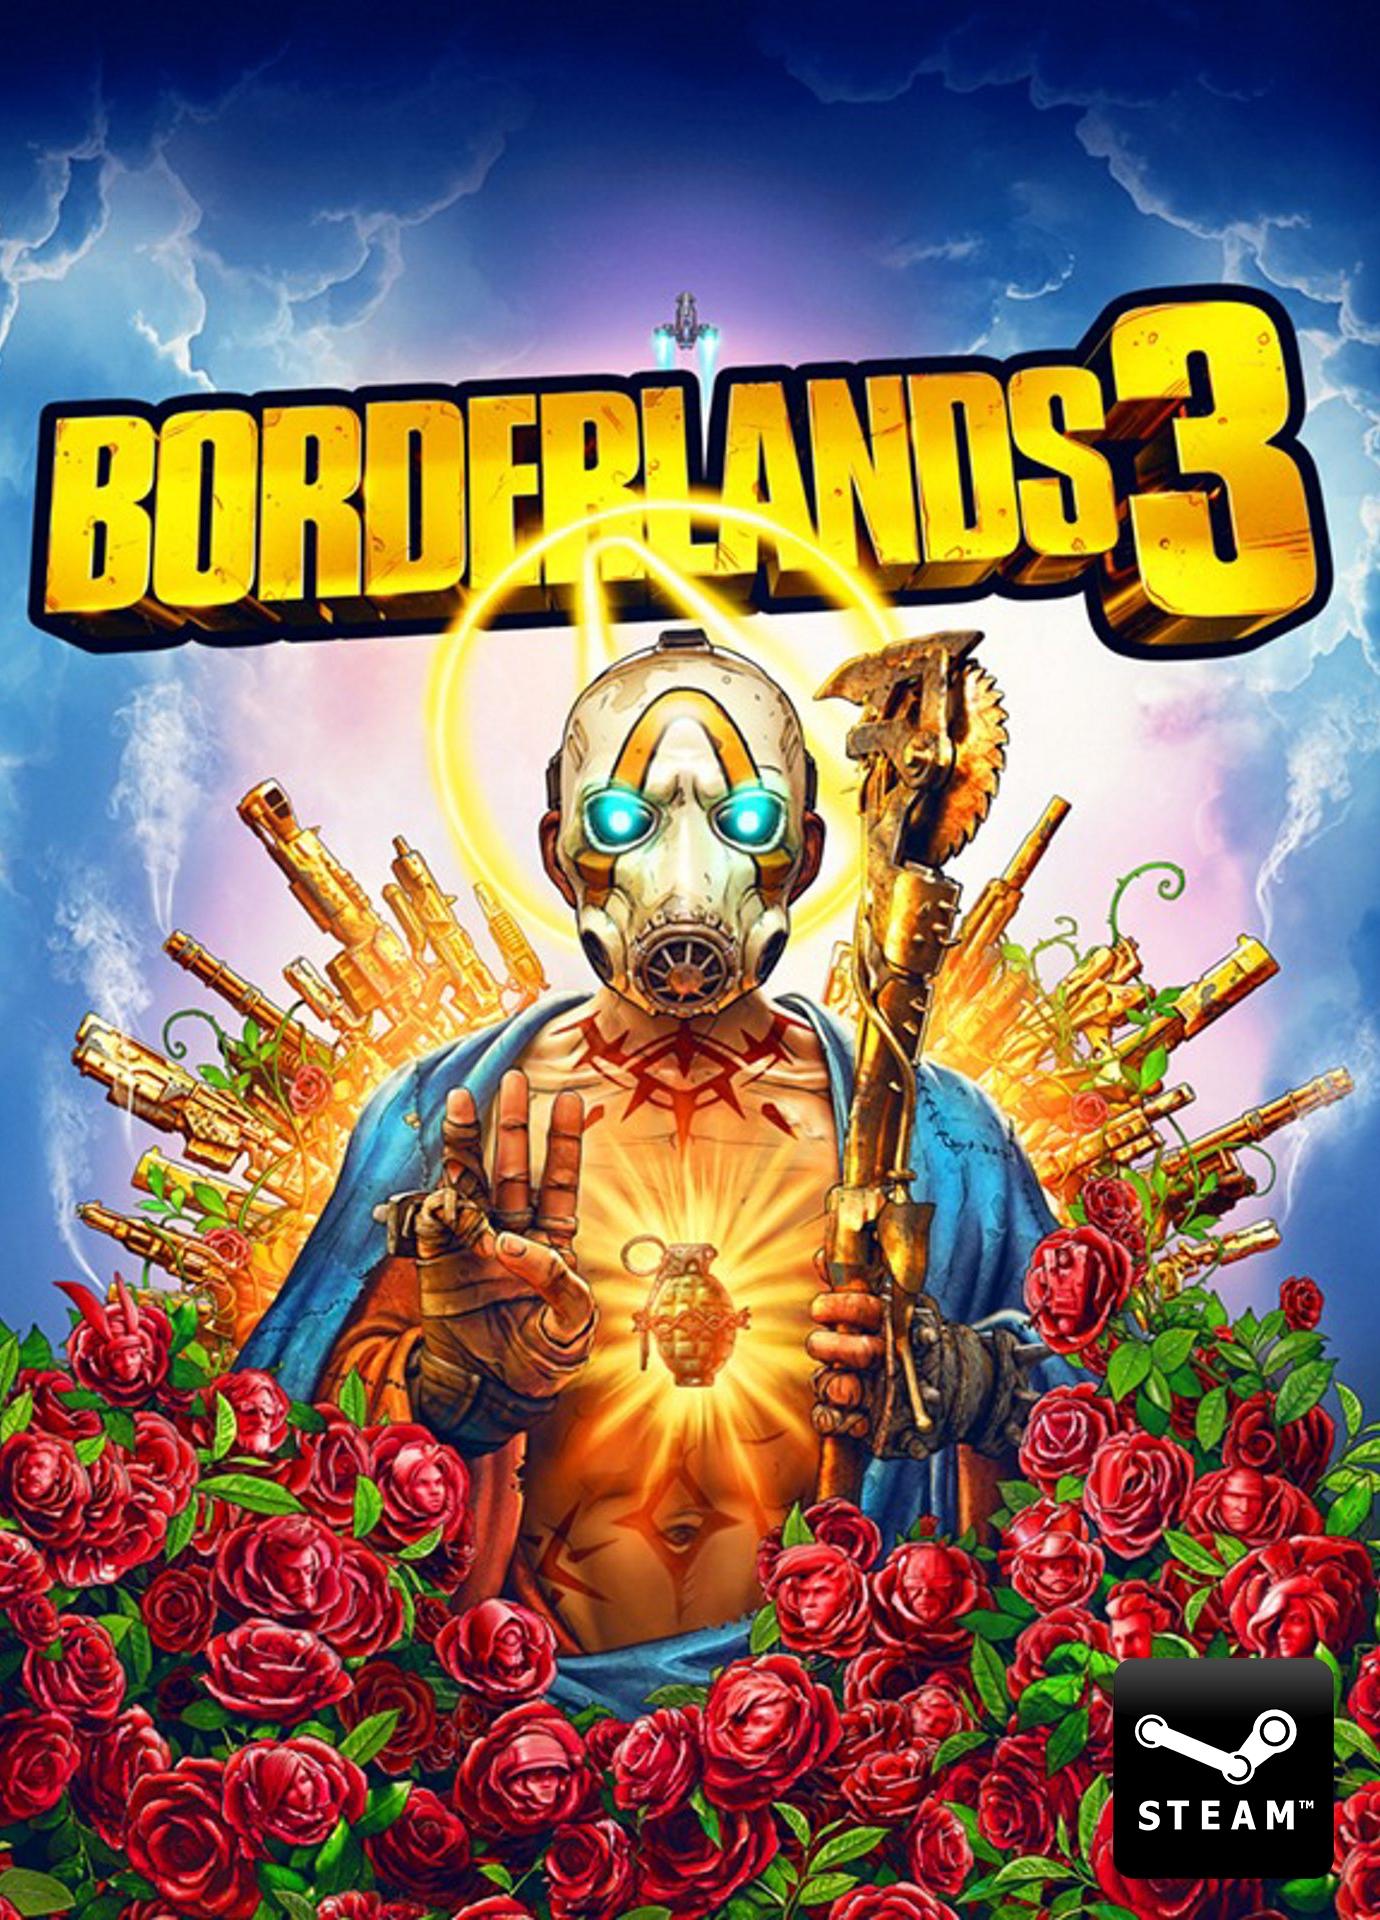 Oferta del día en Instant Gaming BORDERLANDS 3